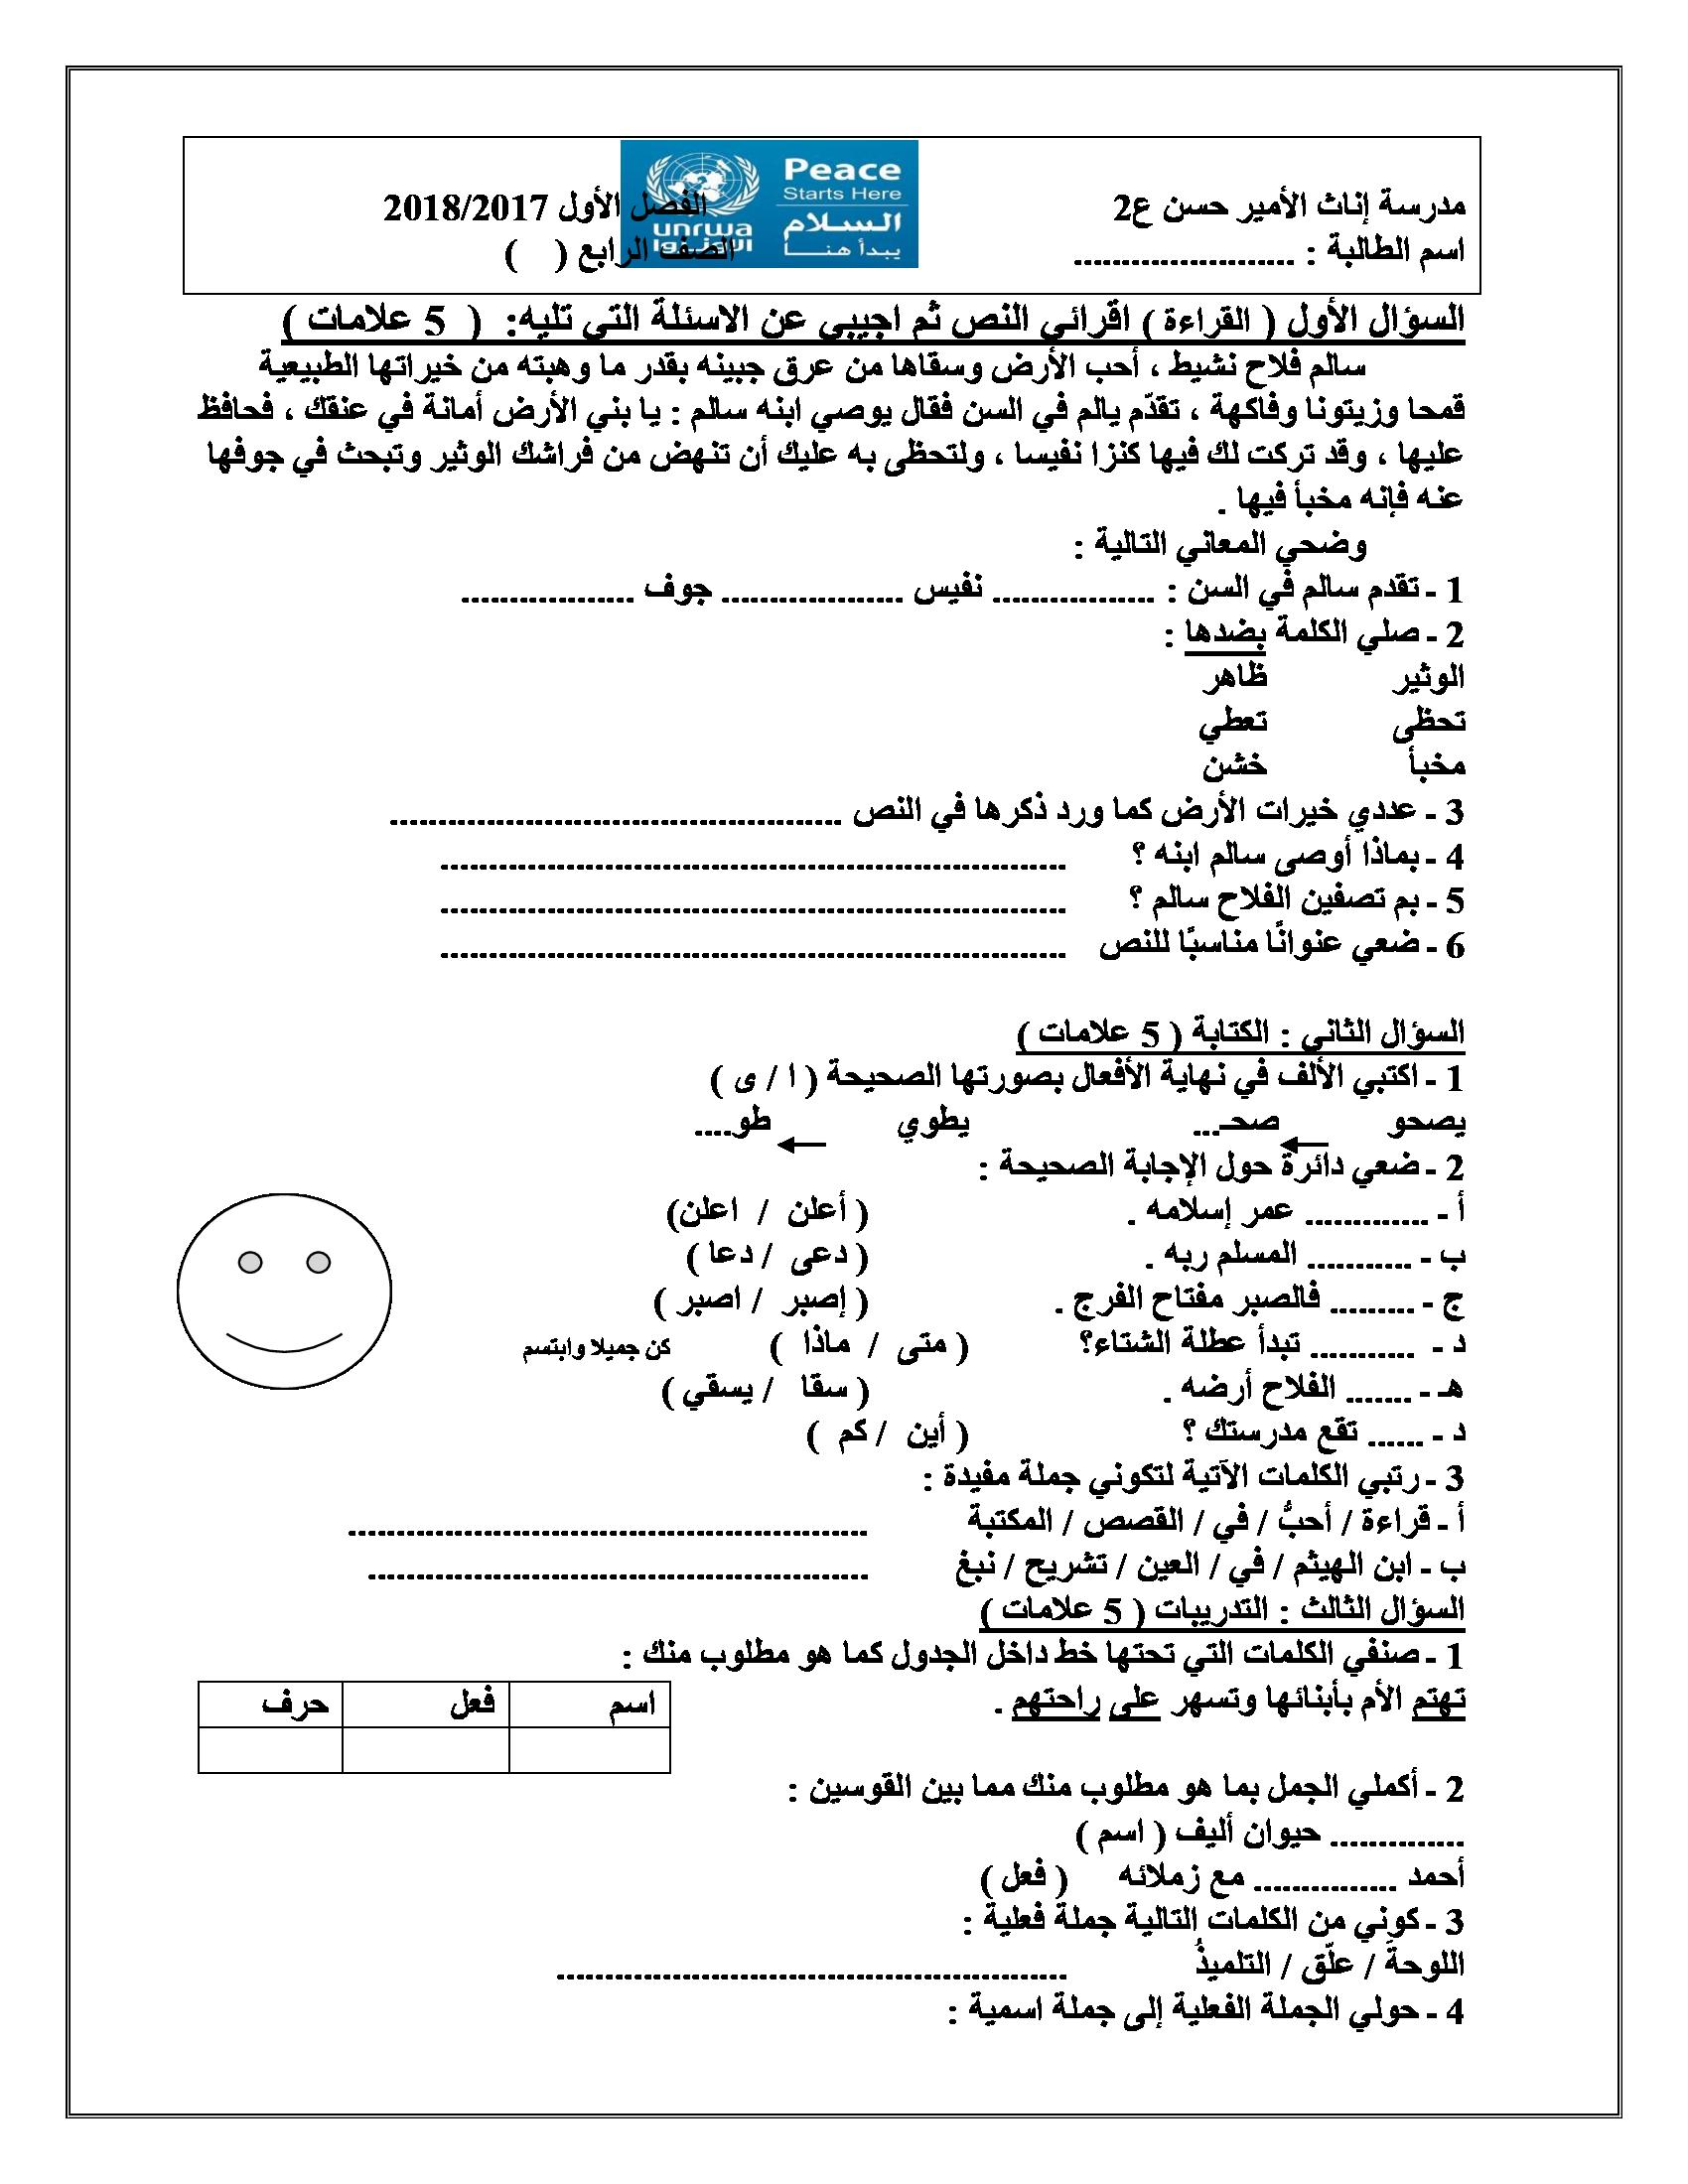 اختبار وكالة الشهر الثاني مادة اللغة العربية للصف الرابع الفصل الاول 2017